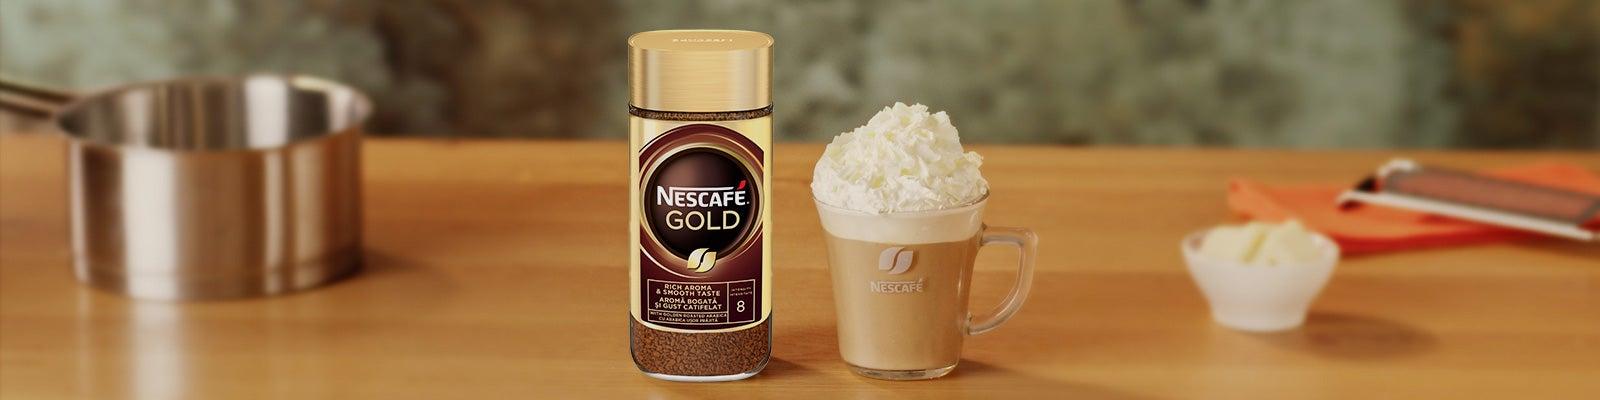 нескафе голд и стъклена чаша кафе бита сметана